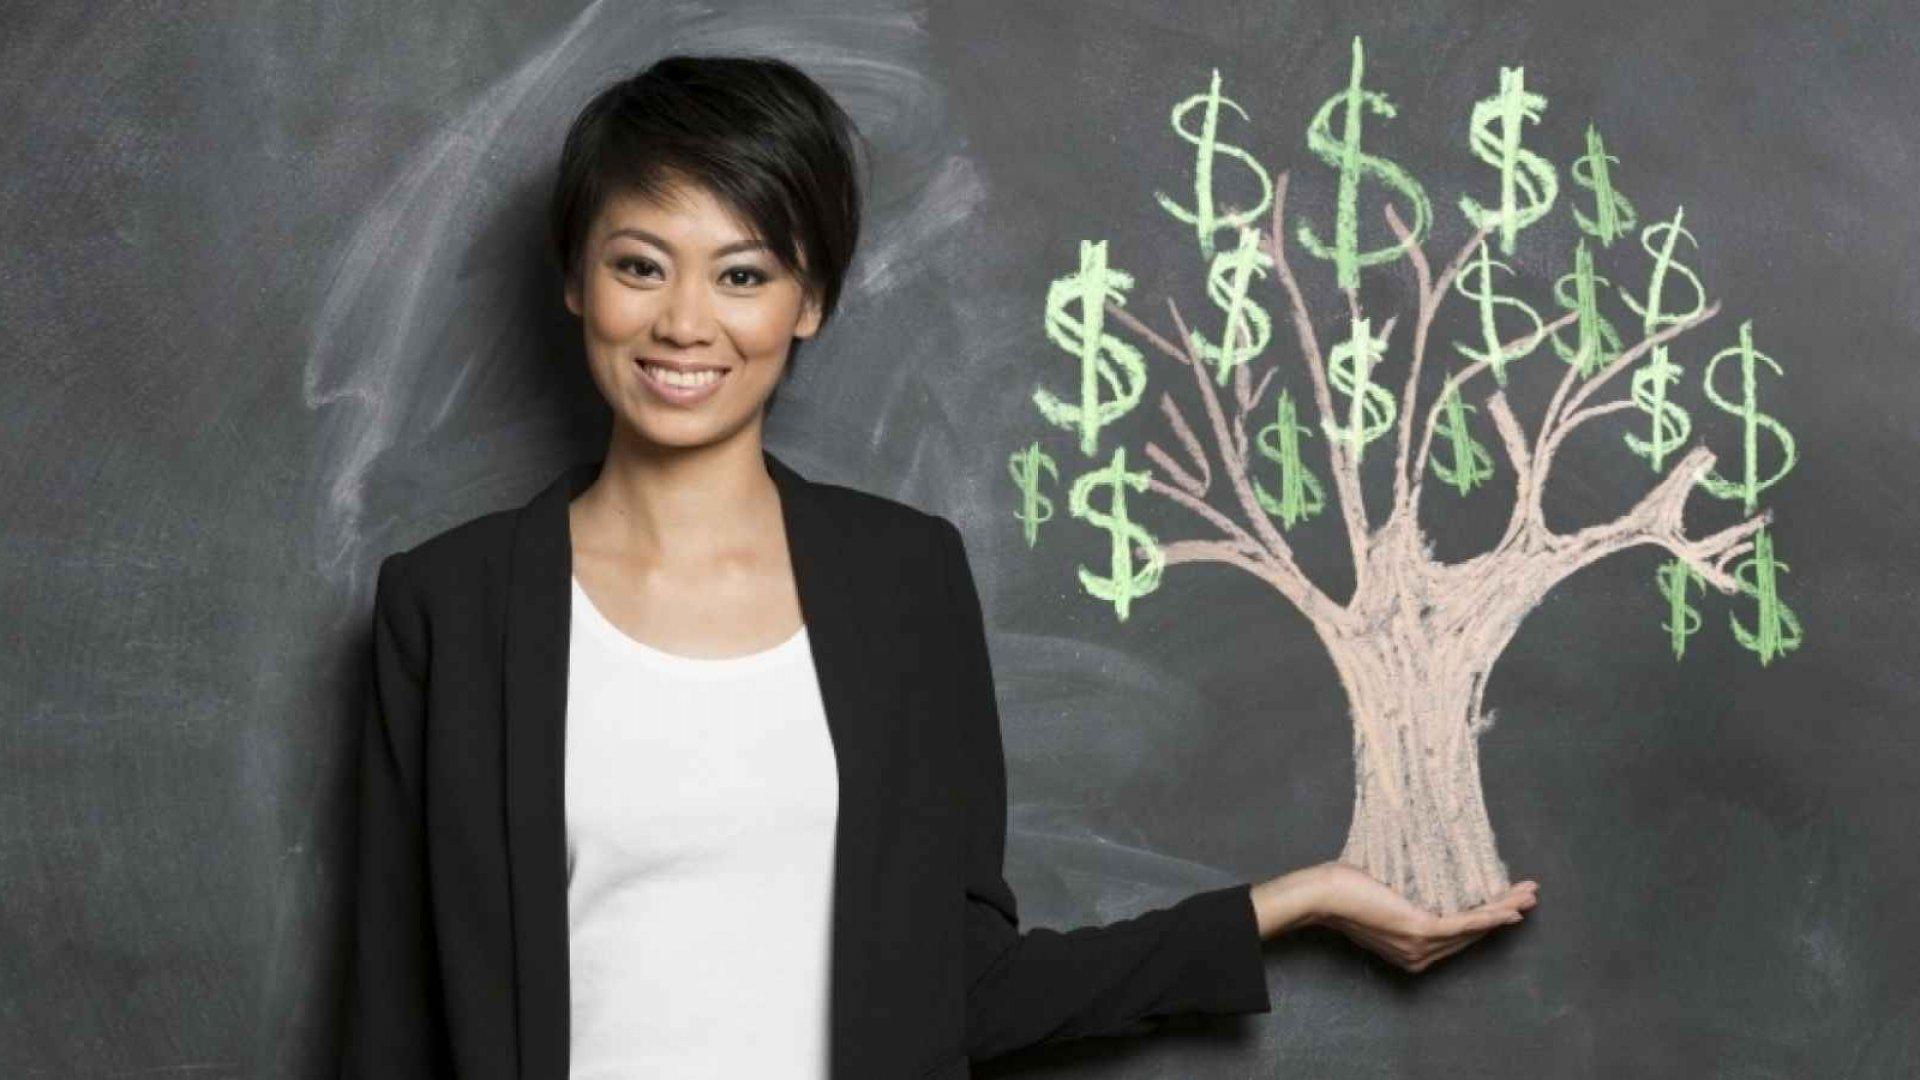 8 Tips to Make a Billion-Dollar Idea Successful